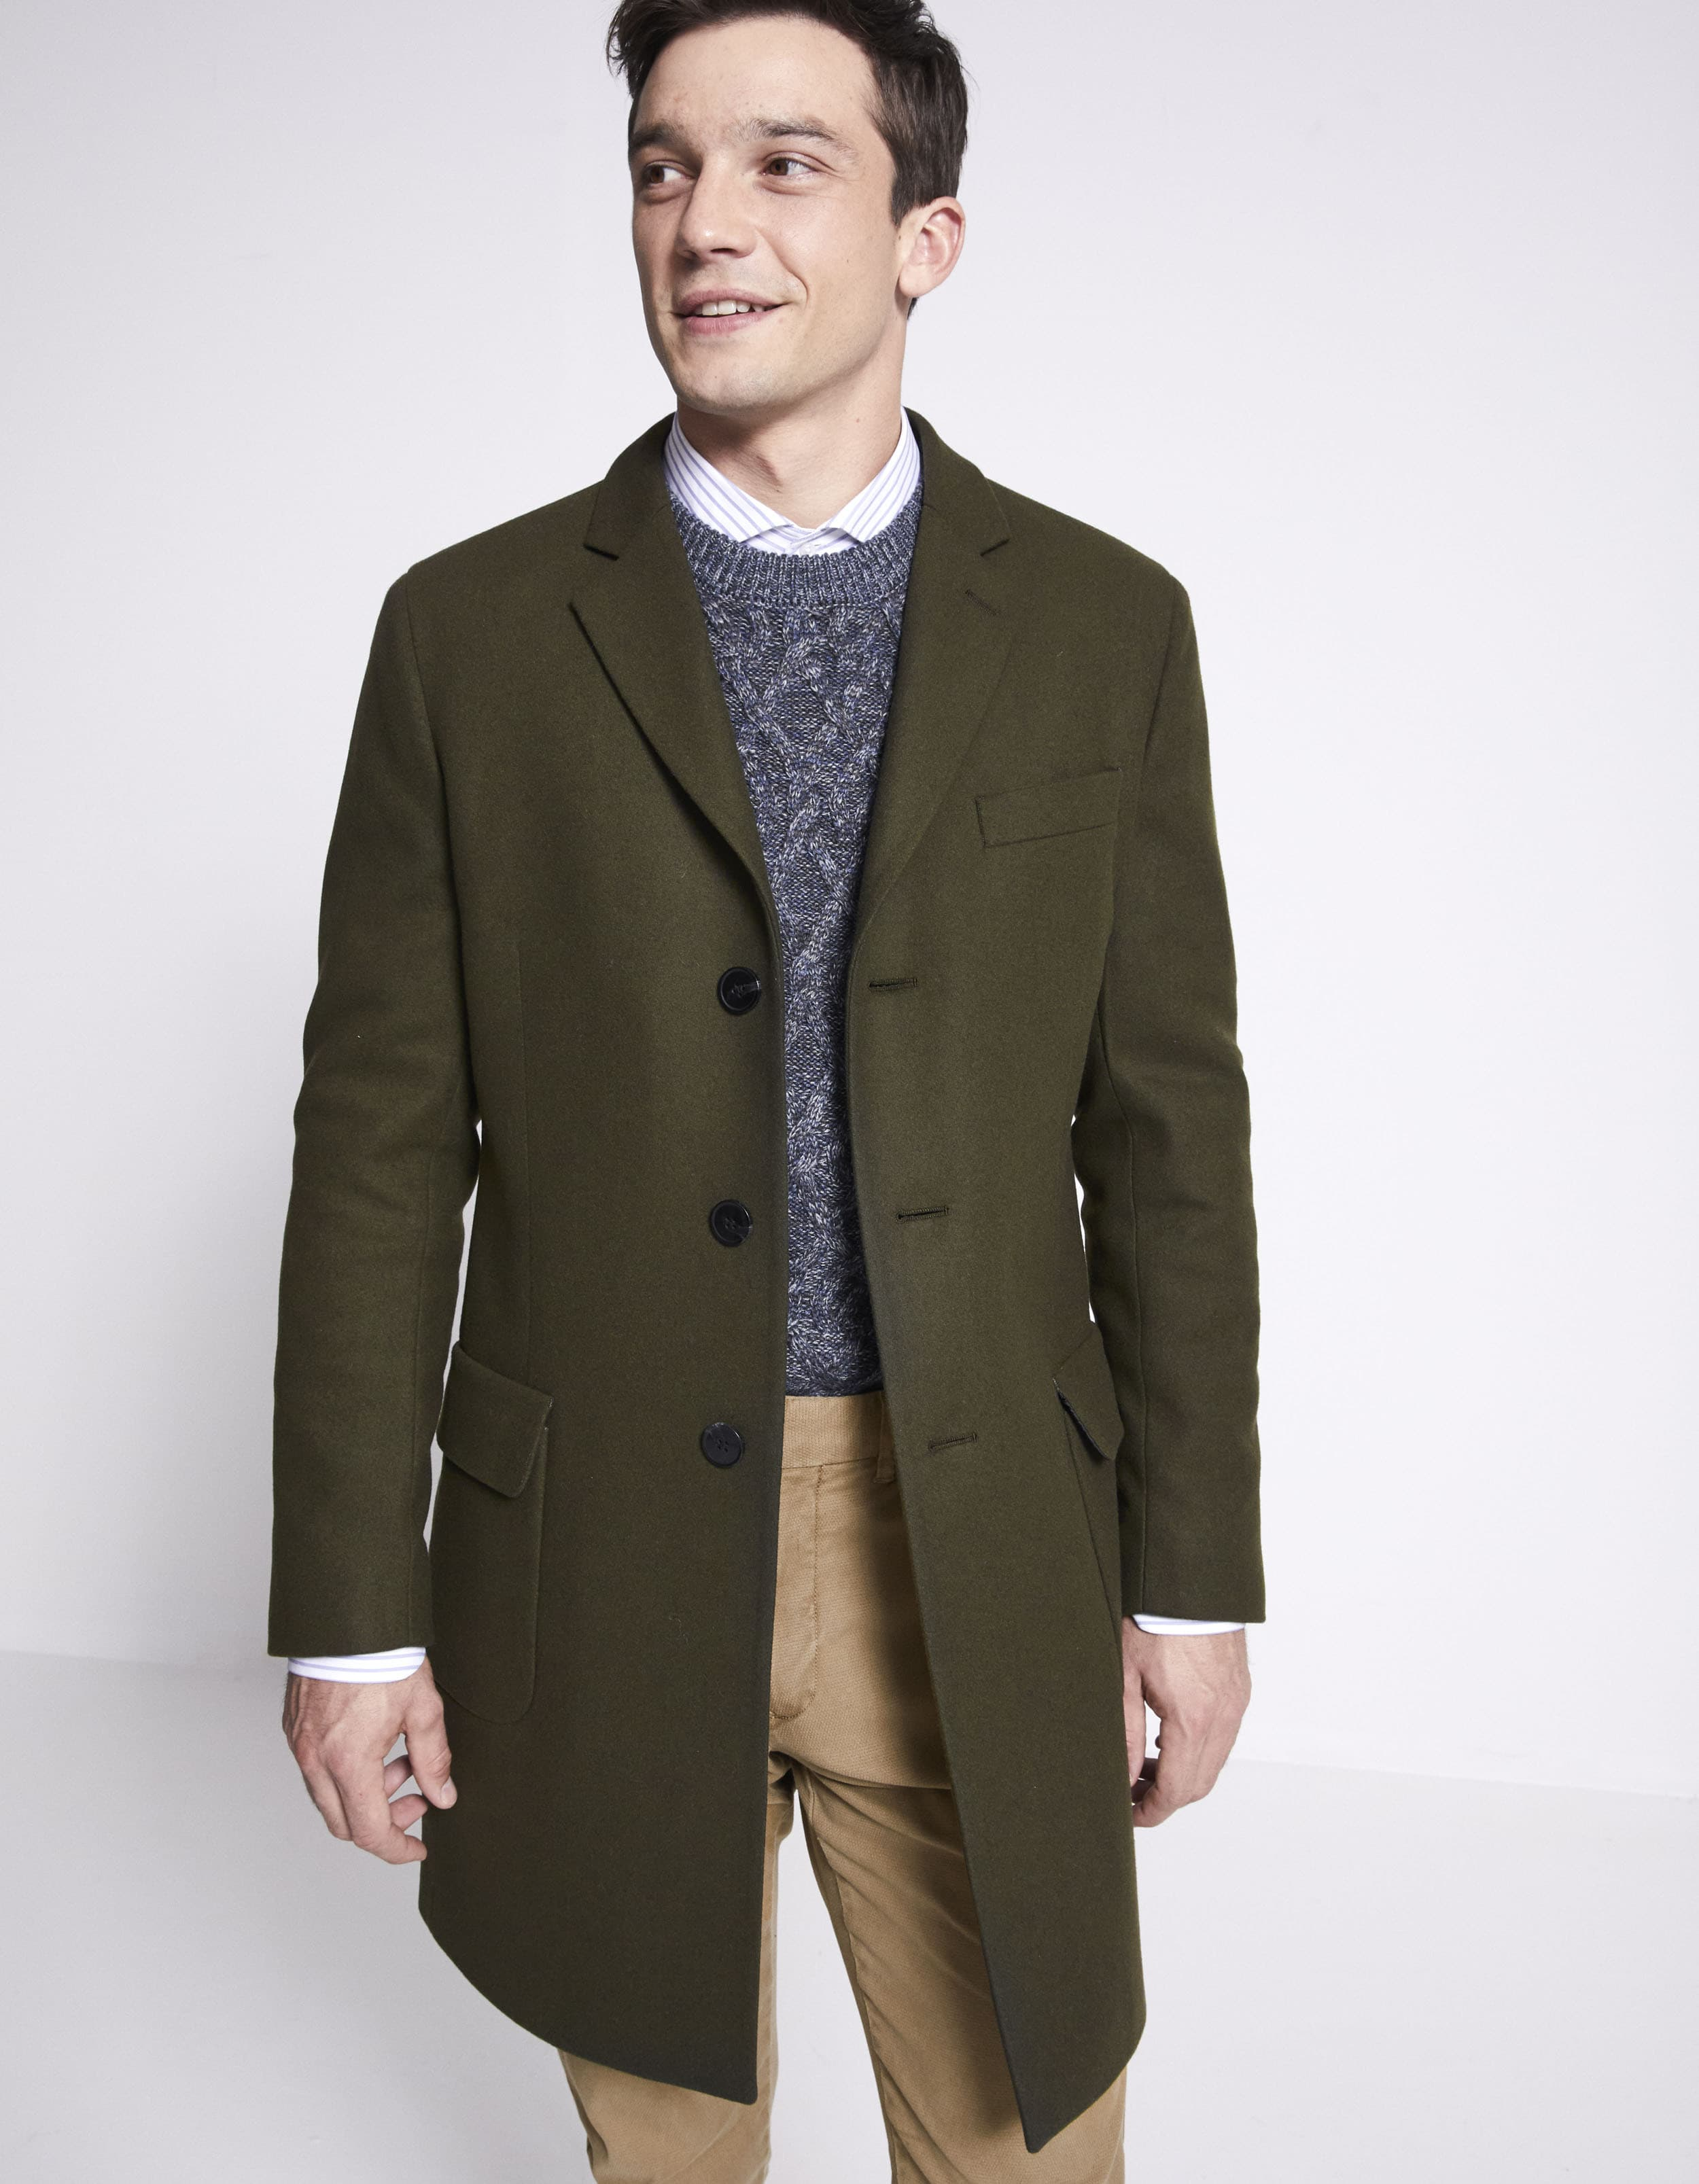 Manteau tissu italien laine mélangée prix 159,90 €